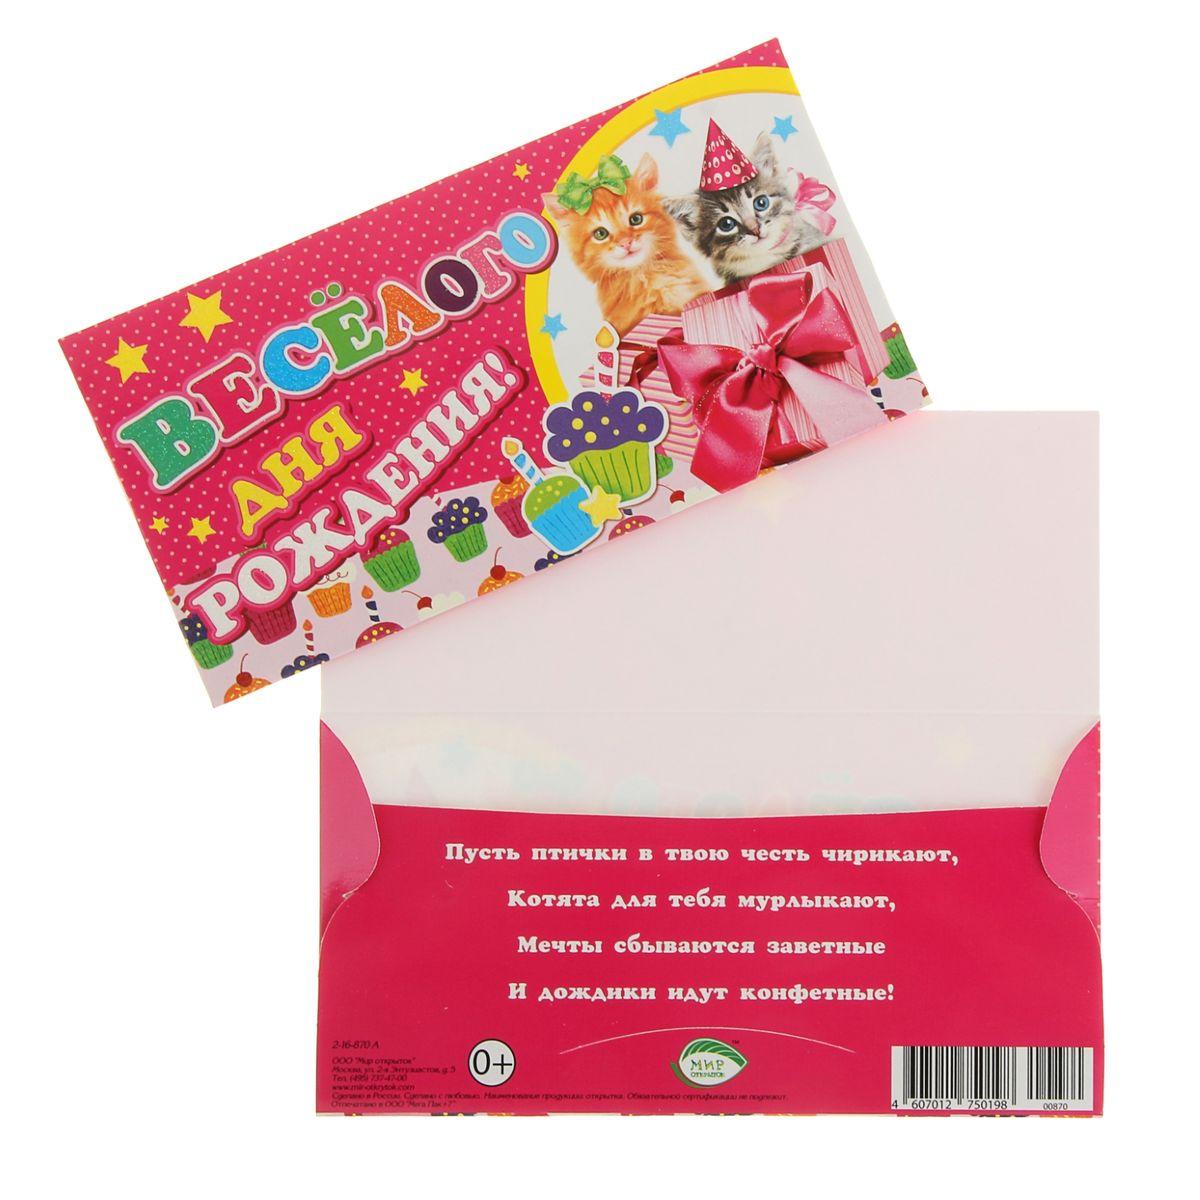 Конверт для денег Мир открыток Веселого Дня Рождения!, 16,5 х 8 см913116Конверт для денег Веселого Дня Рождения! выполнен из плотной бумаги и украшен яркой картинкой, соответствующей событию. Это необычная красивая одежка для денежного подарка, а так же отличная возможность сделать его более праздничным и создать прекрасное настроение! Конверт Веселого Дня Рождения! - идеальное решение, если вы хотите подарить деньги.